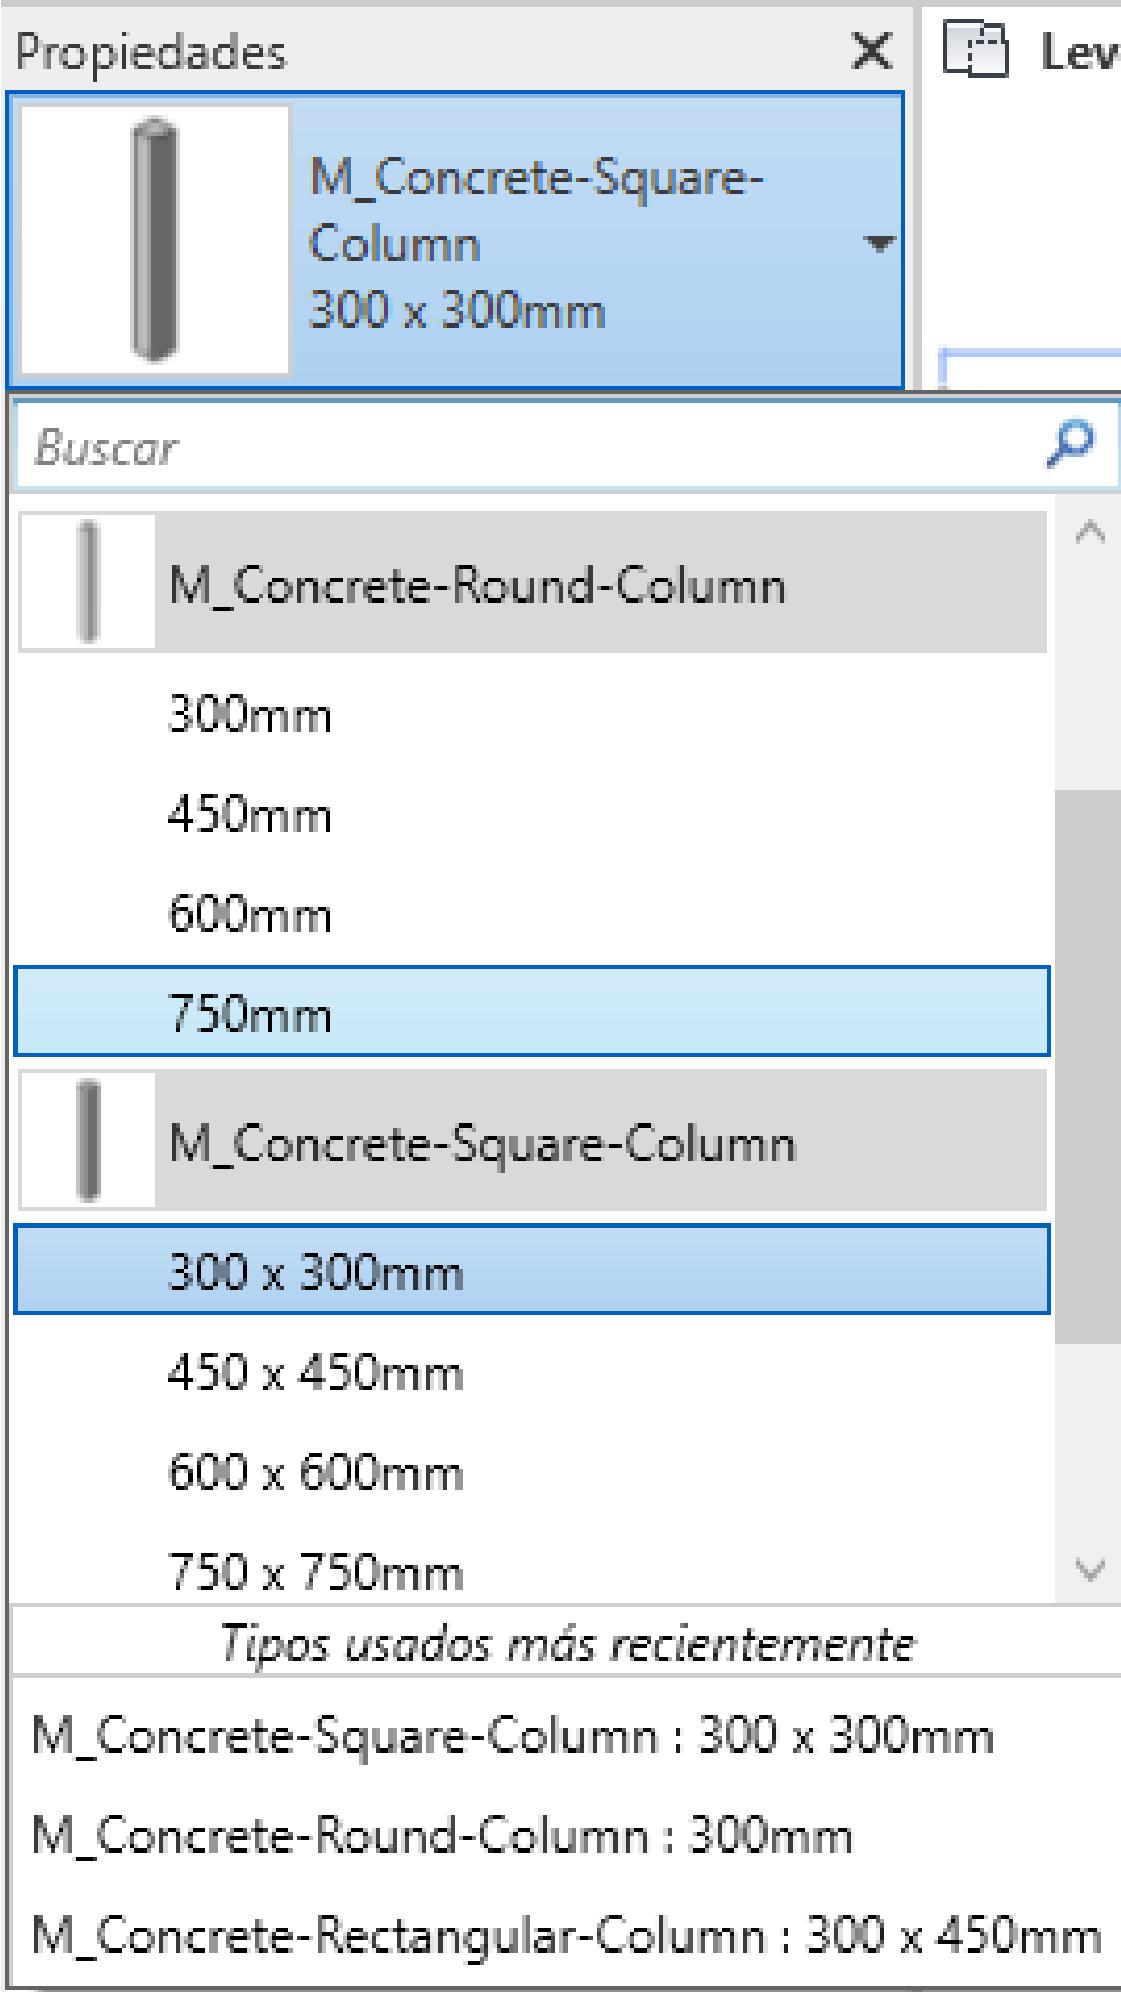 Propiedades de columnas estructurales